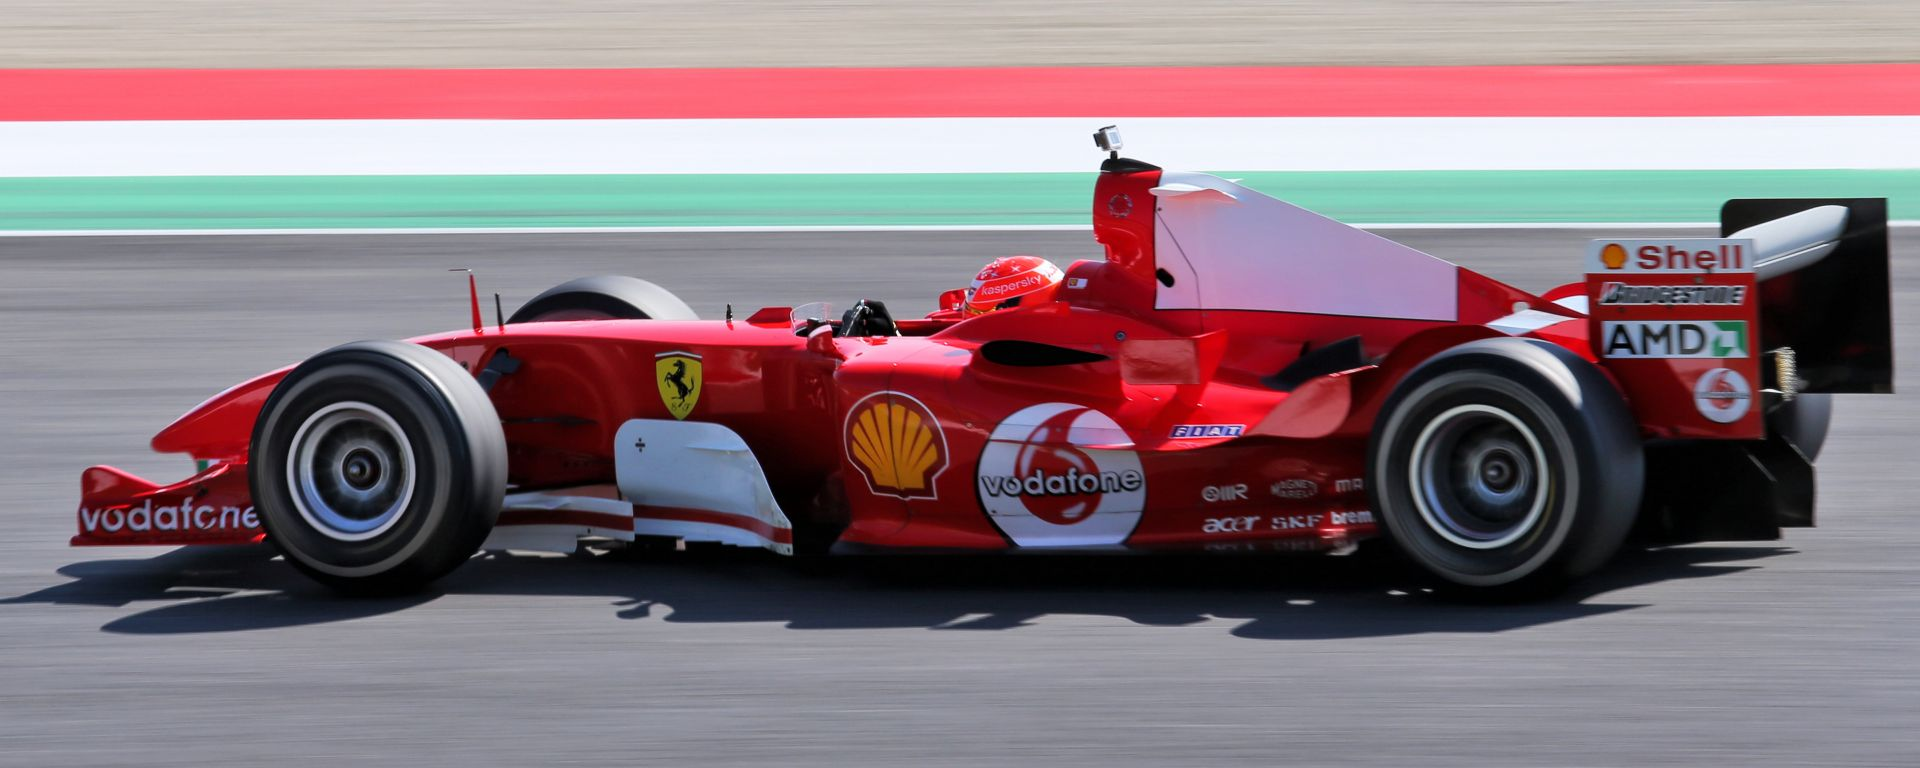 Ferrari F2004: un gioiello troppo costoso anche per Vettel